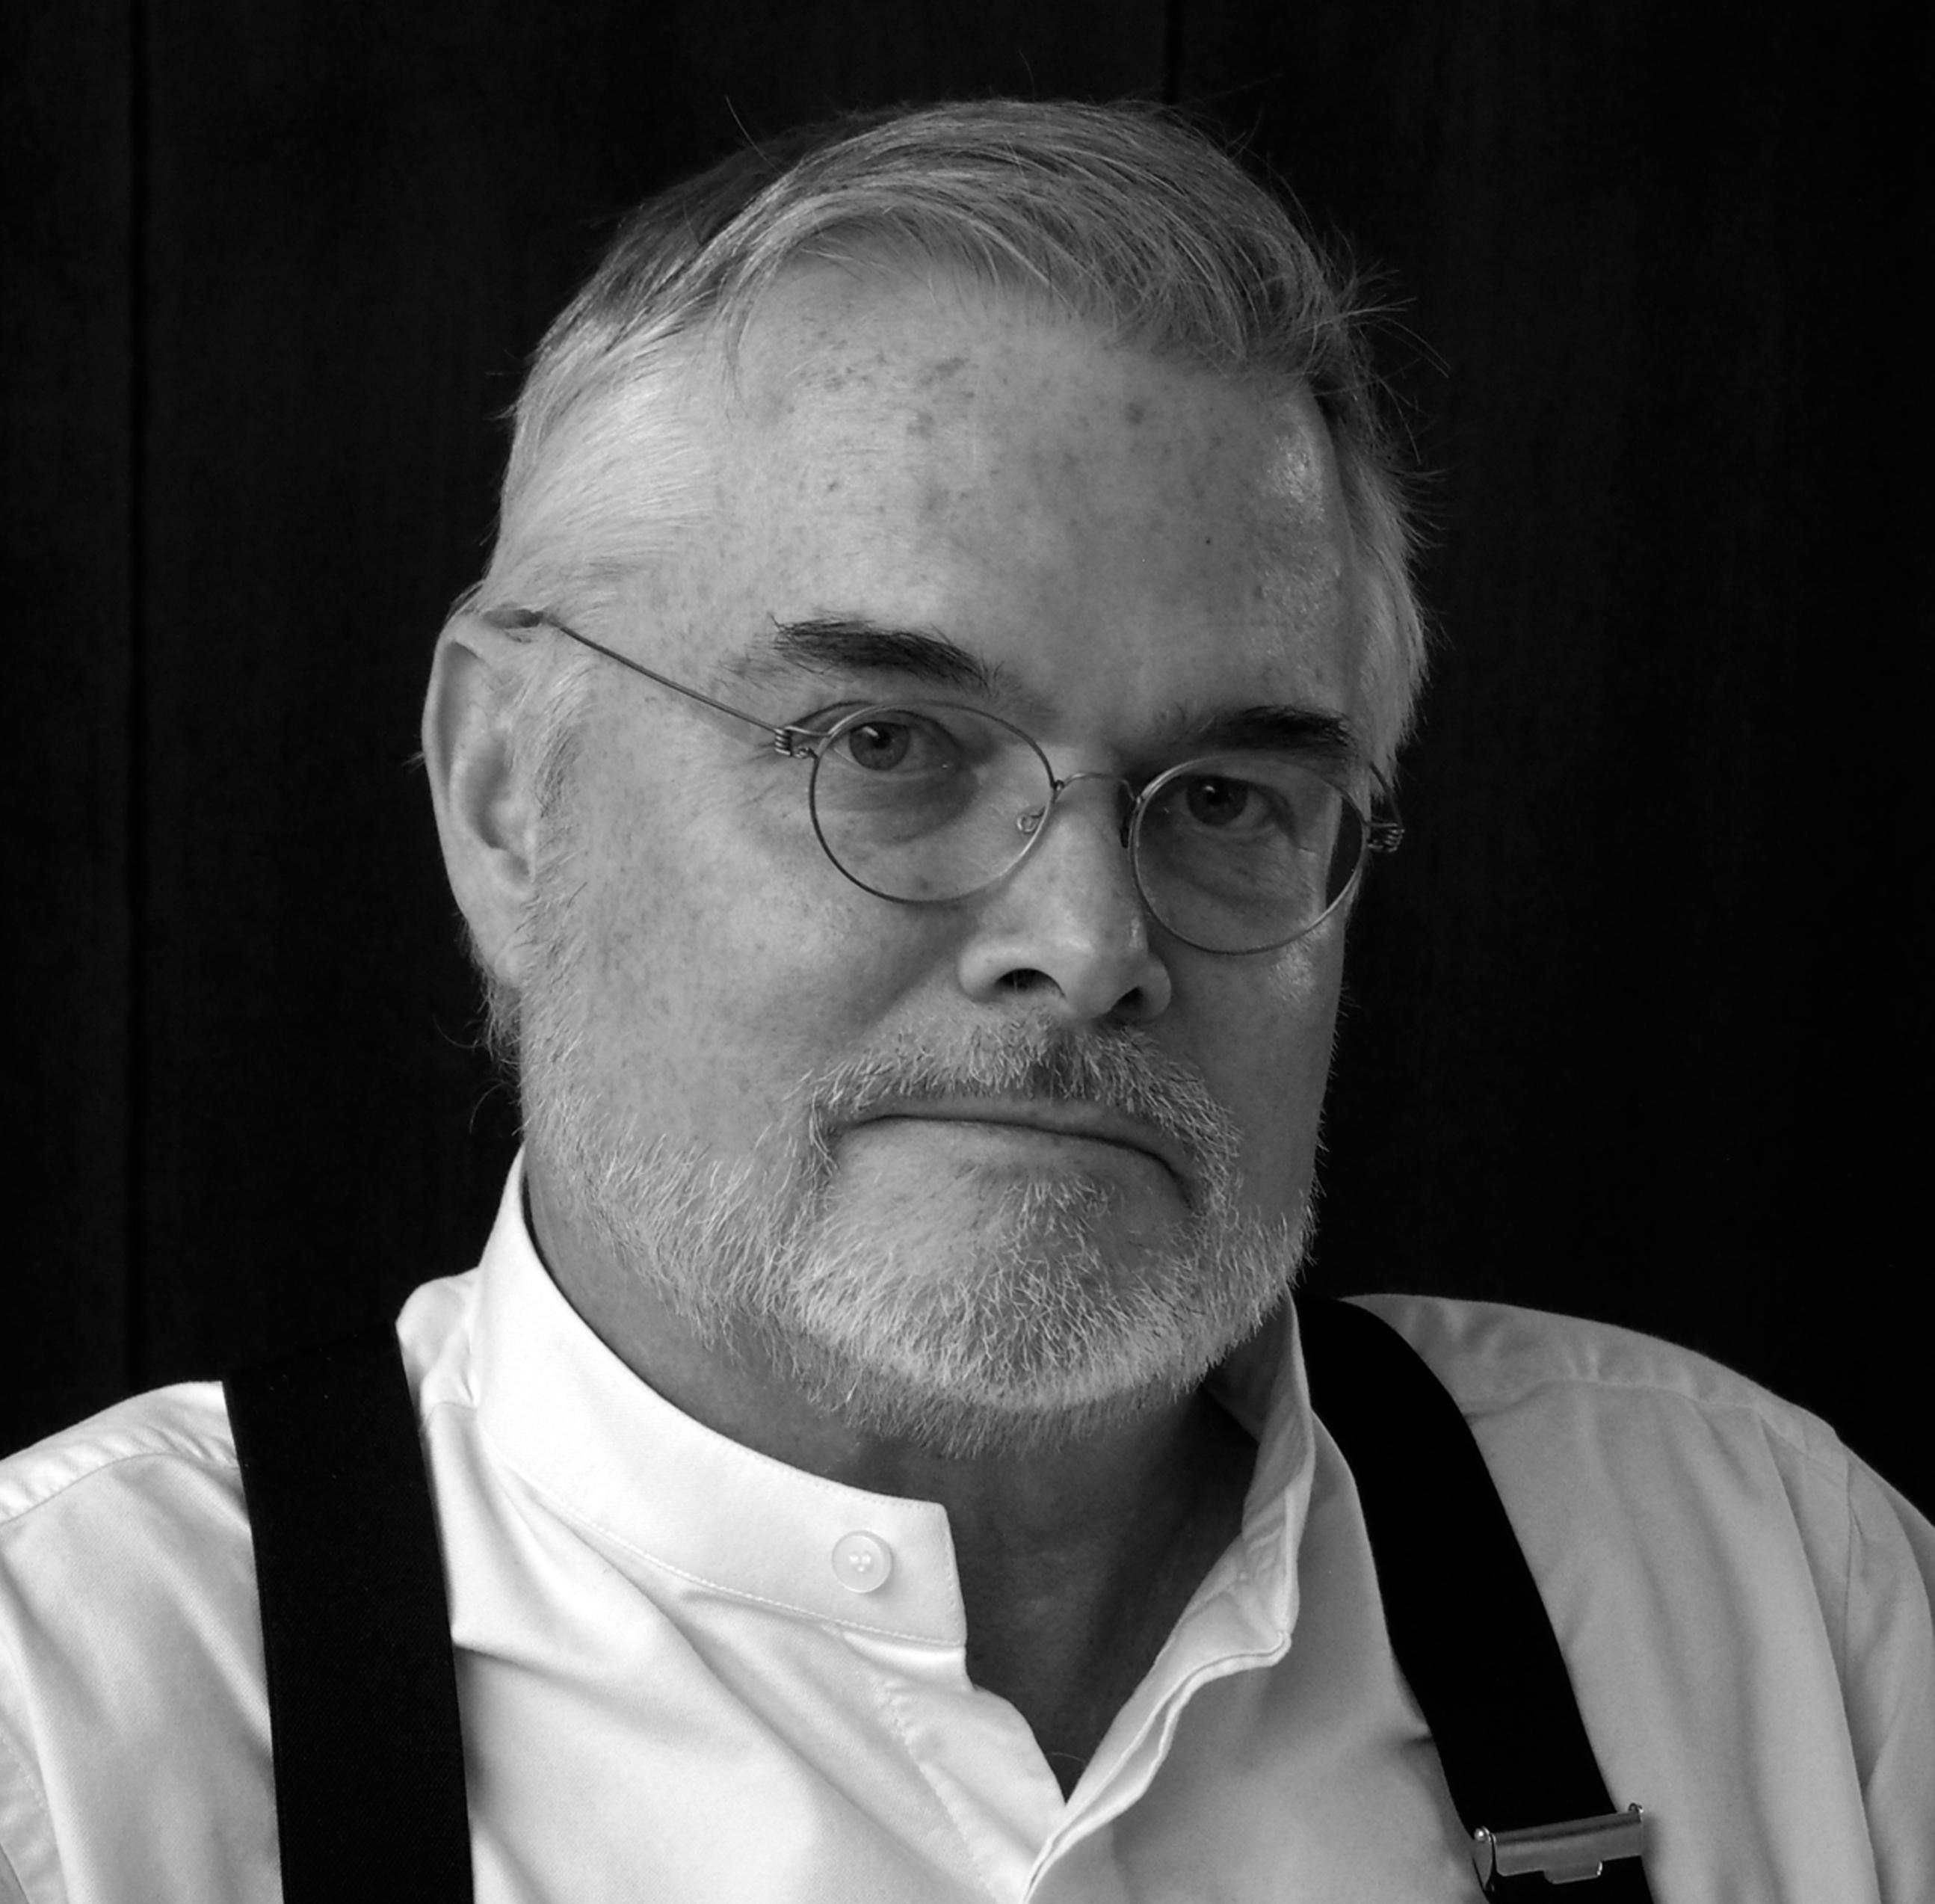 Prof. Ir. Wim van den Bergh picture